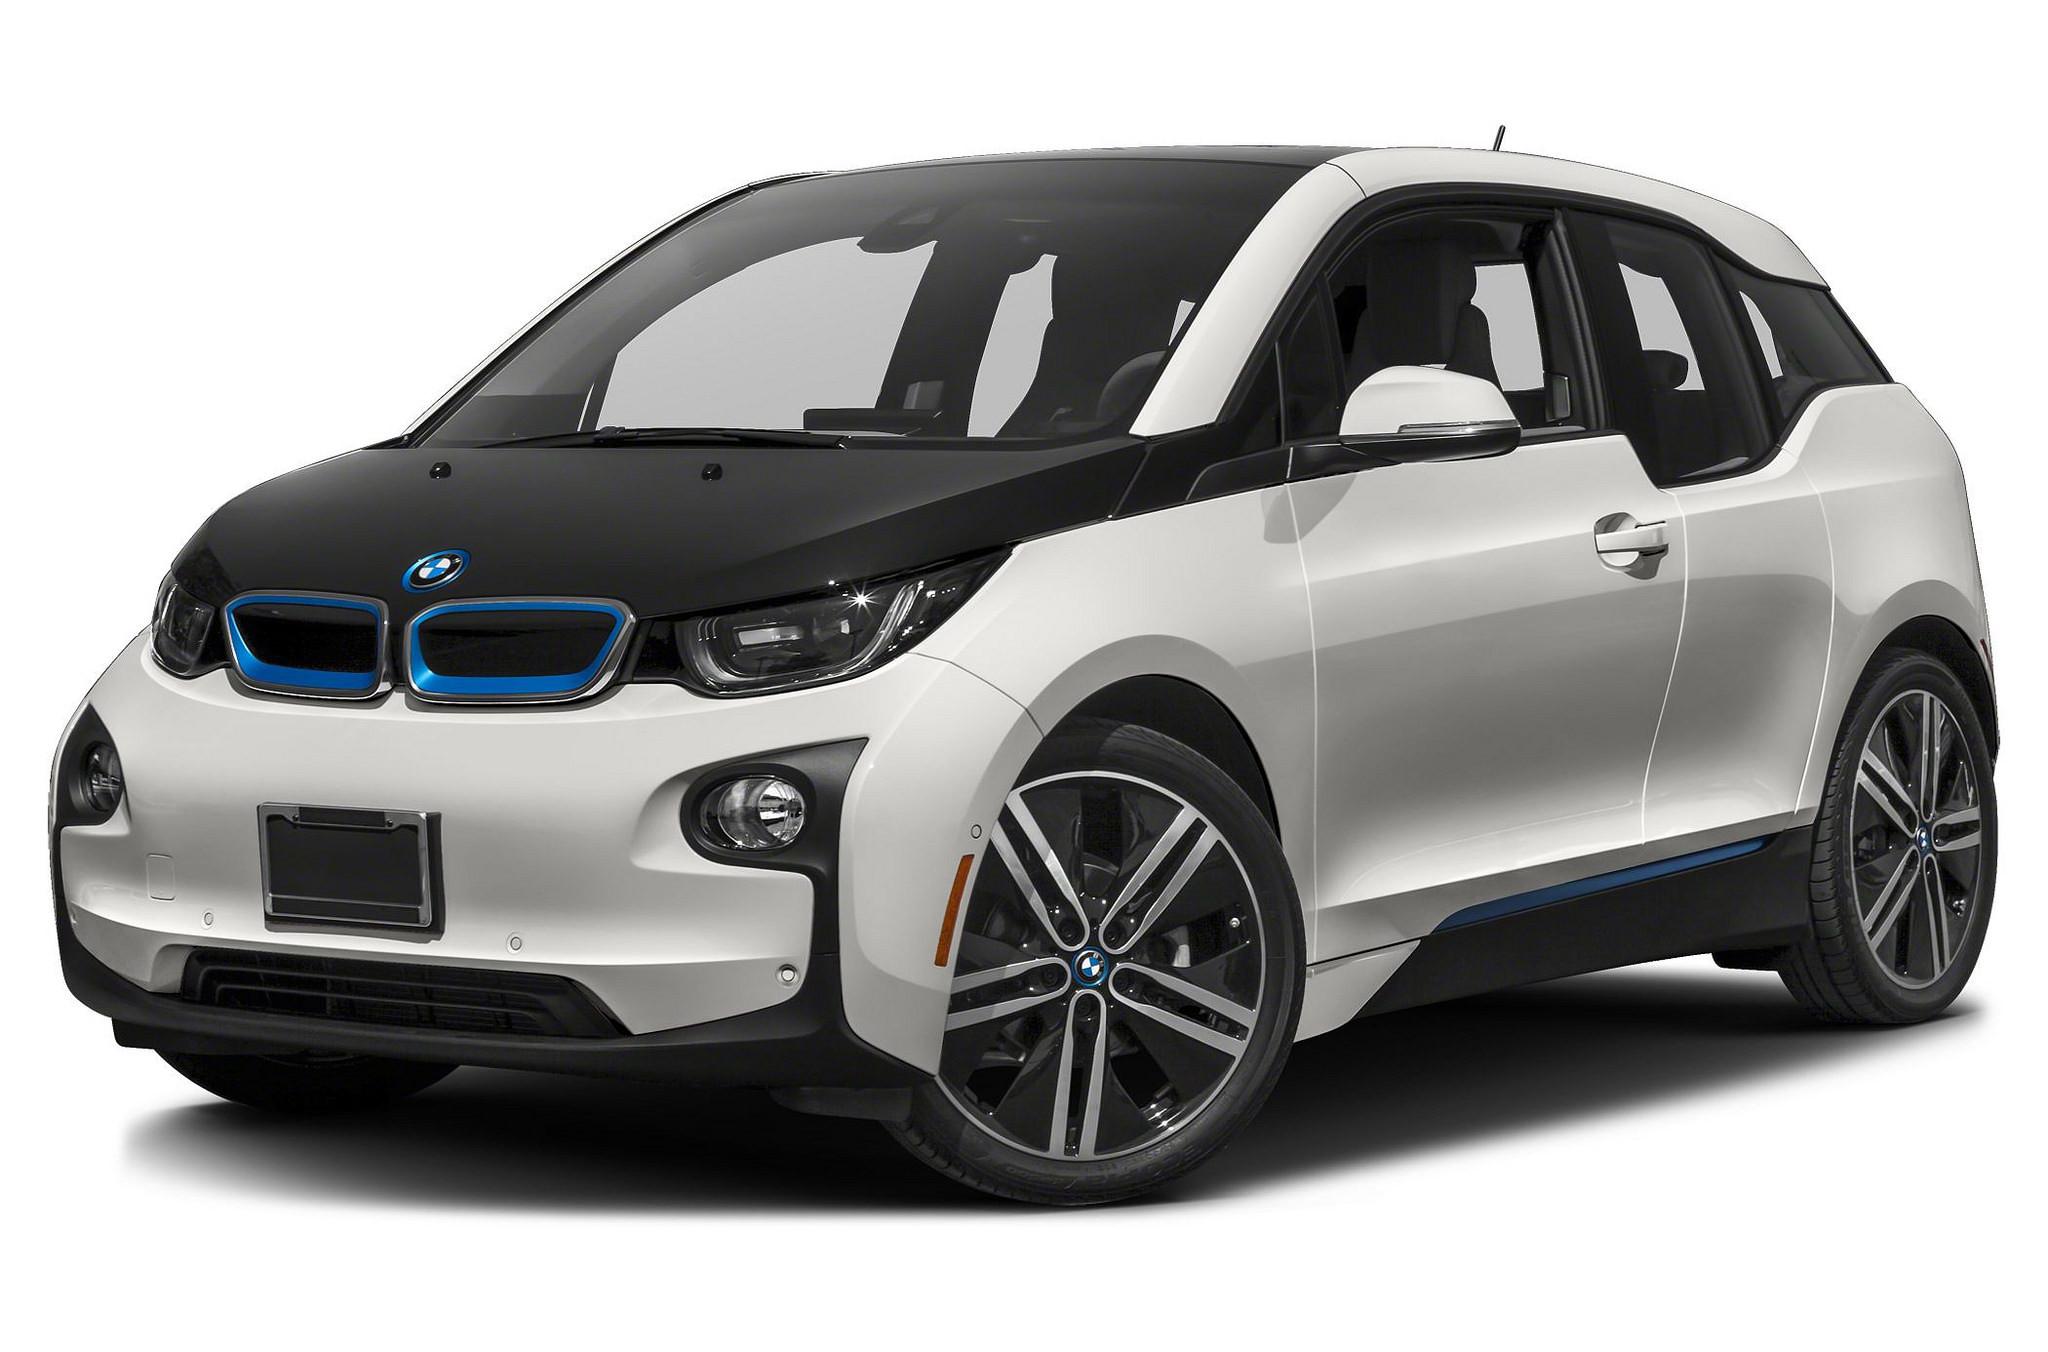 ¿En qué se diferencia conducir un coche eléctrico de uno convencional?